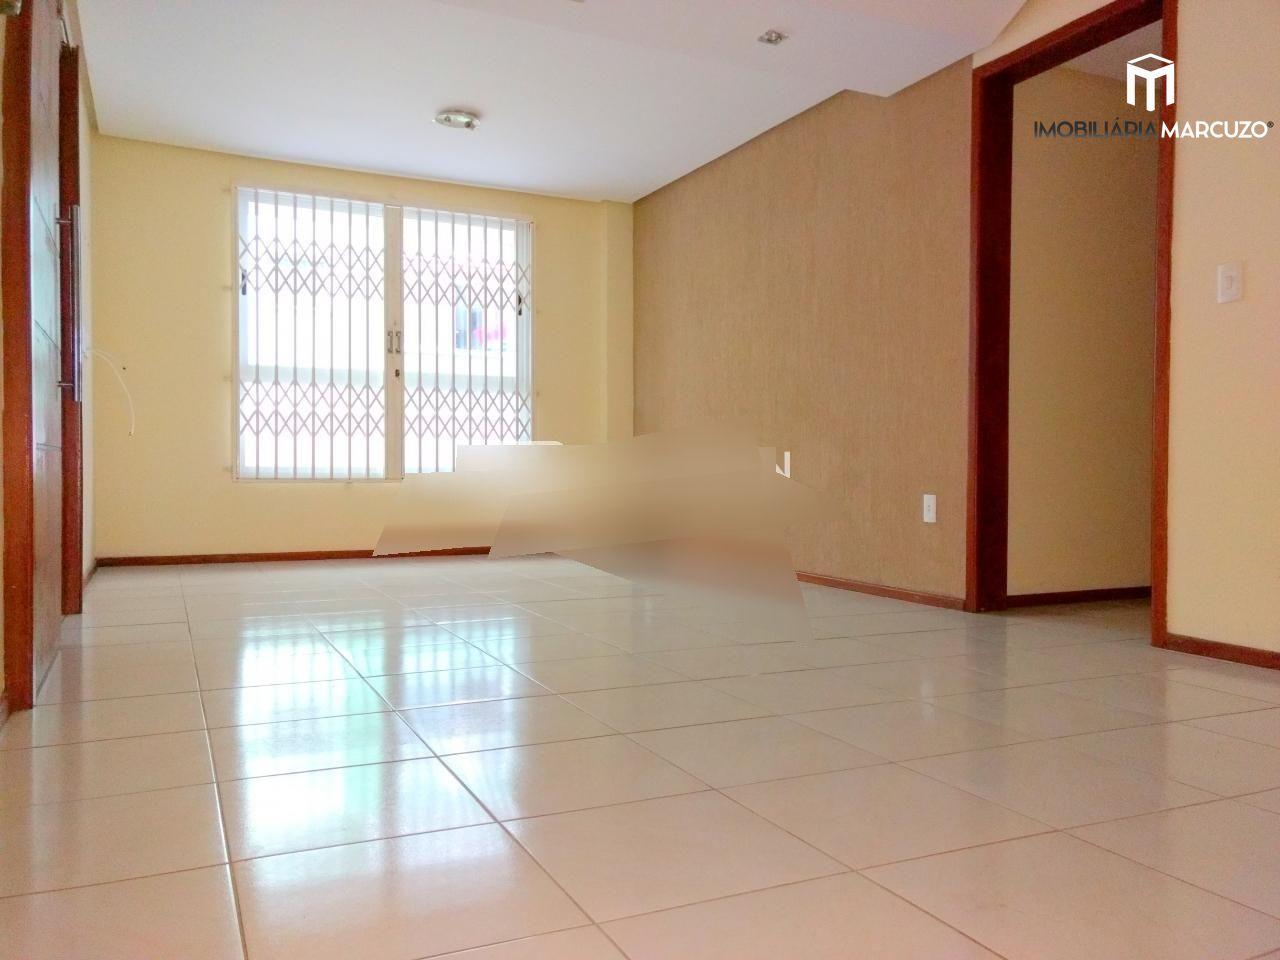 Apartamento com 2 Dormitórios à venda, 70 m² por R$ 320.000,00